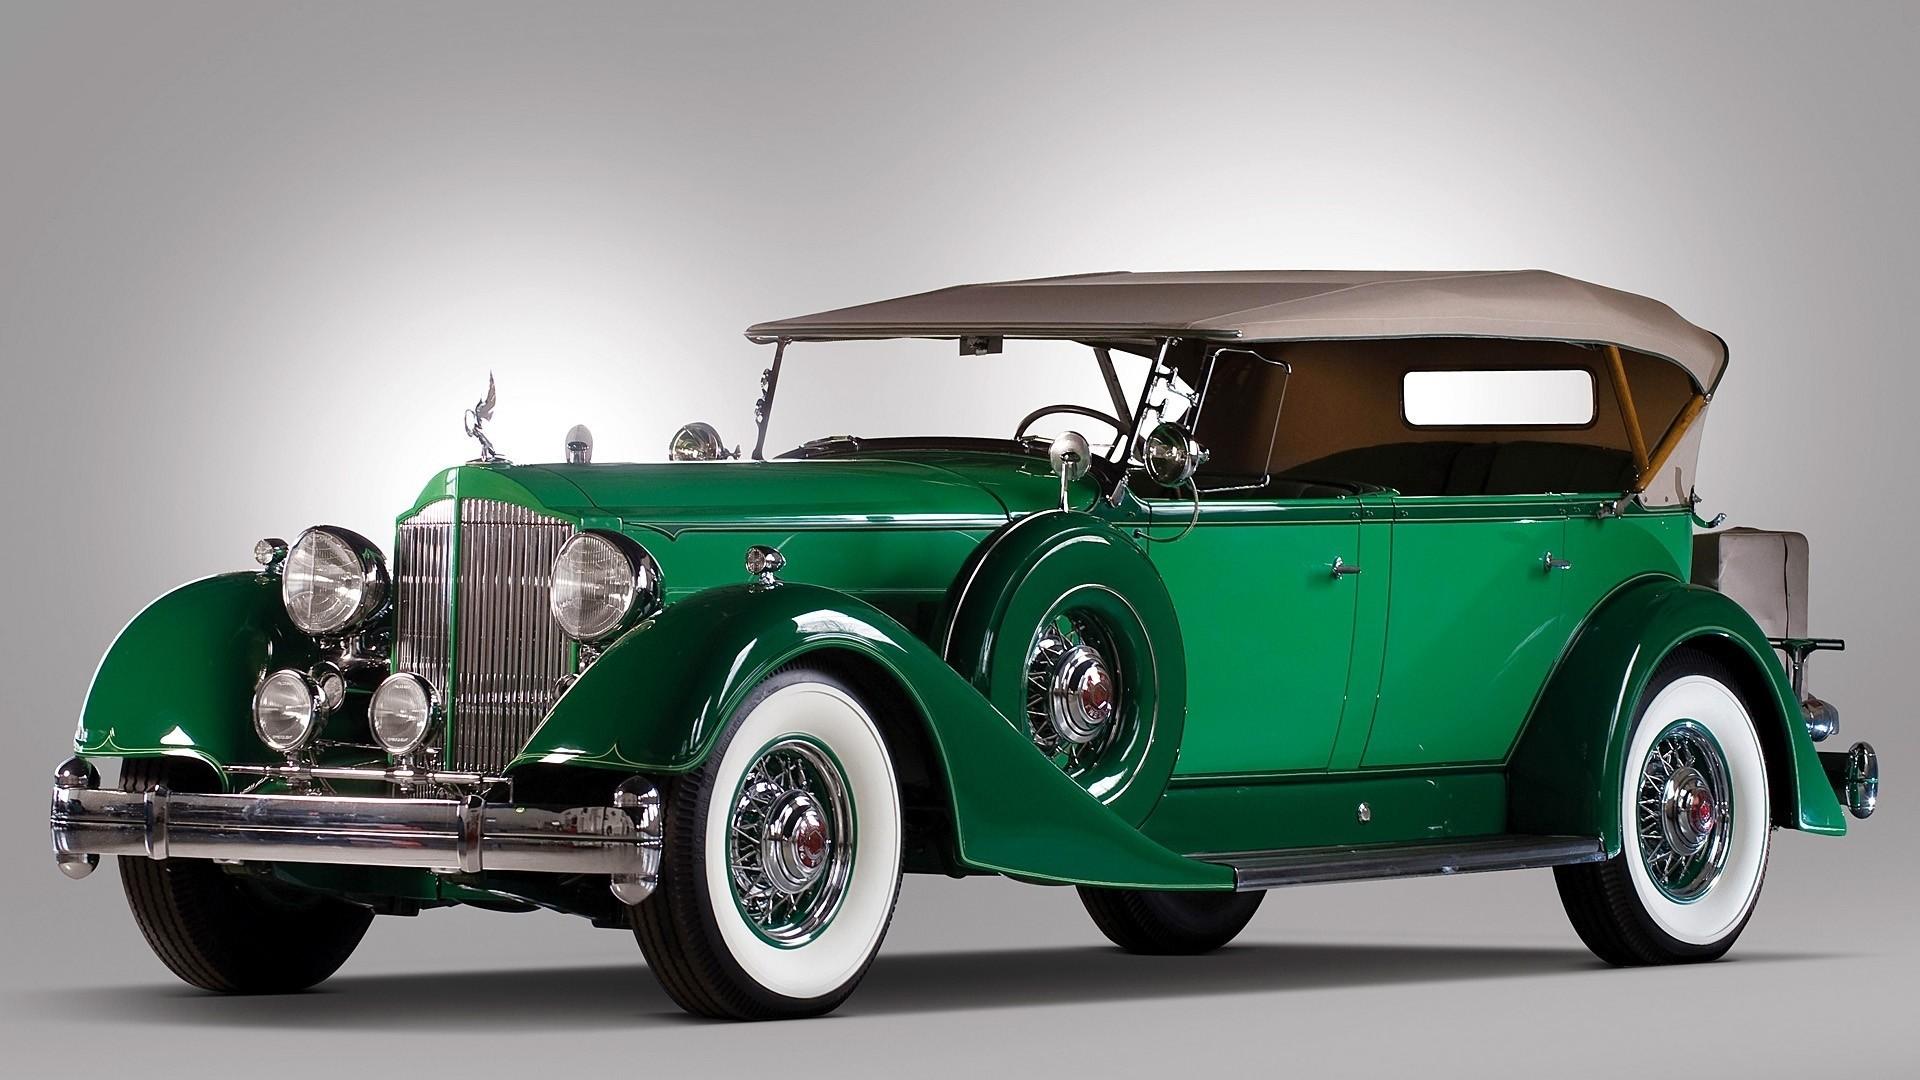 Classic Car Download Wallpaper